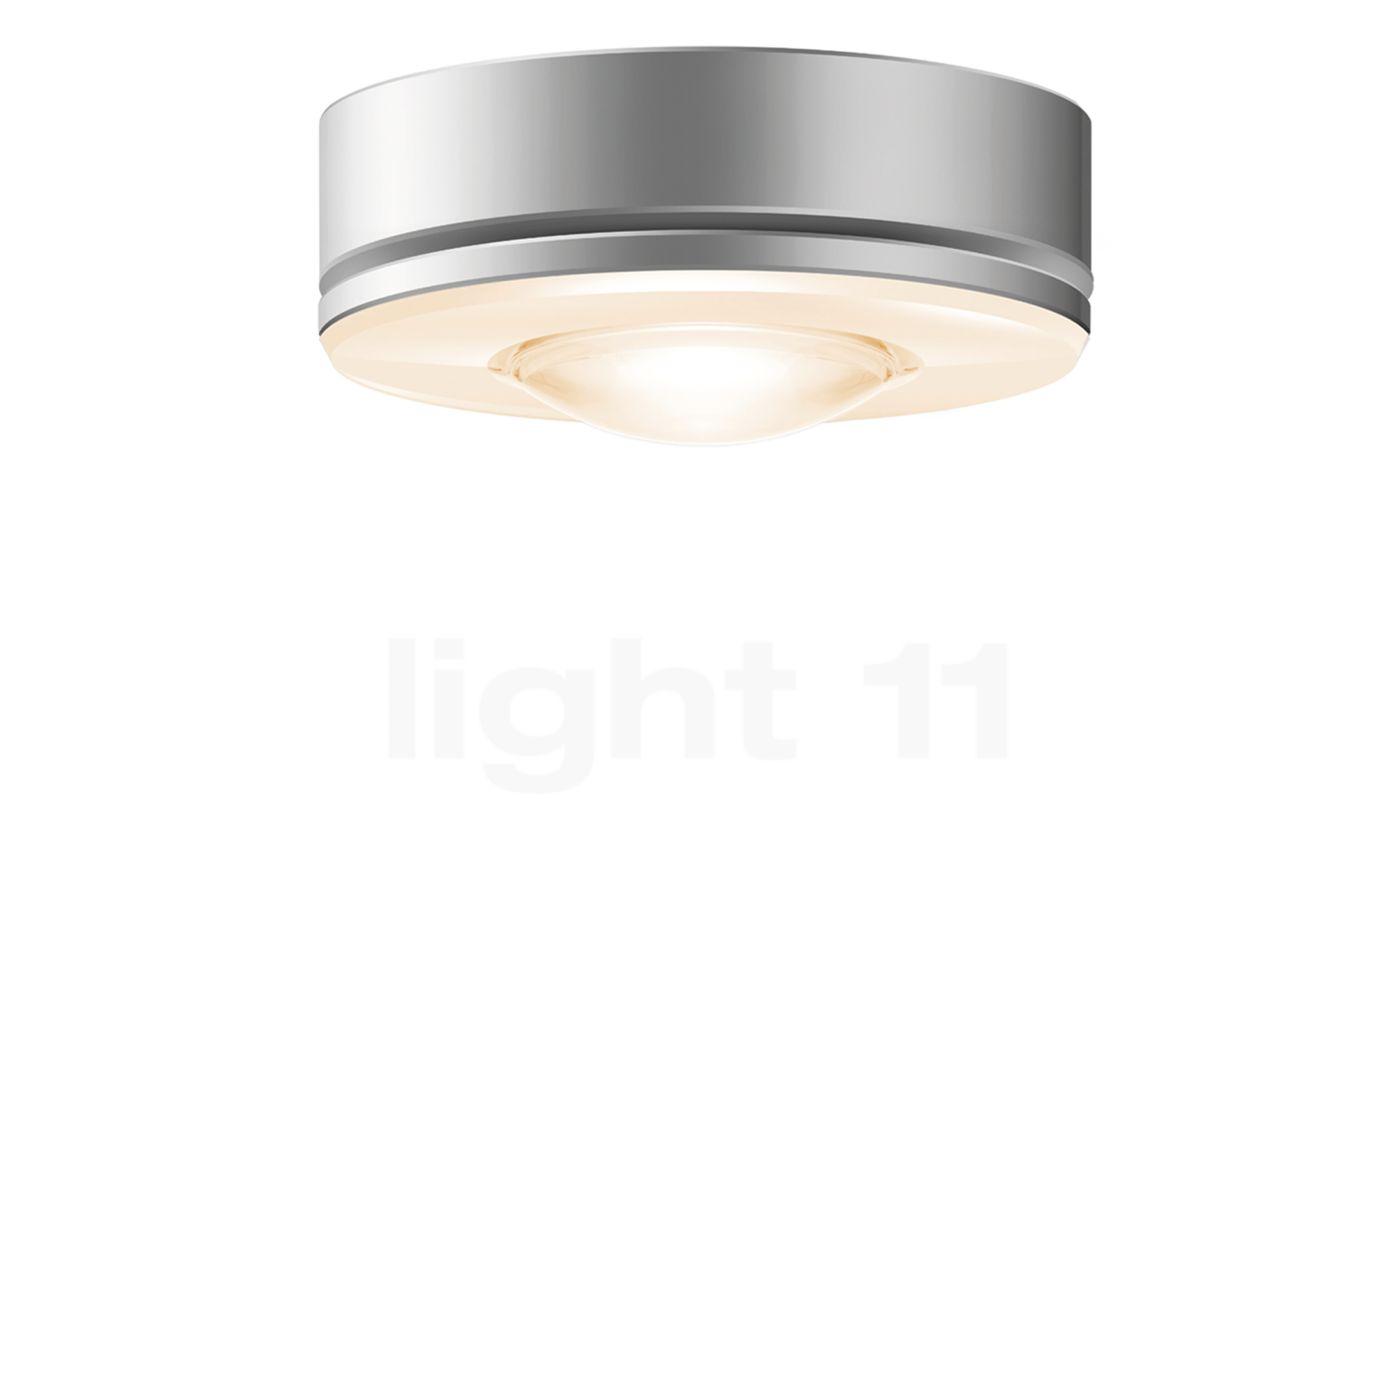 Bruck Euclid Deckenleuchte LED Niedervolt, Chrom matt 100872mcgy